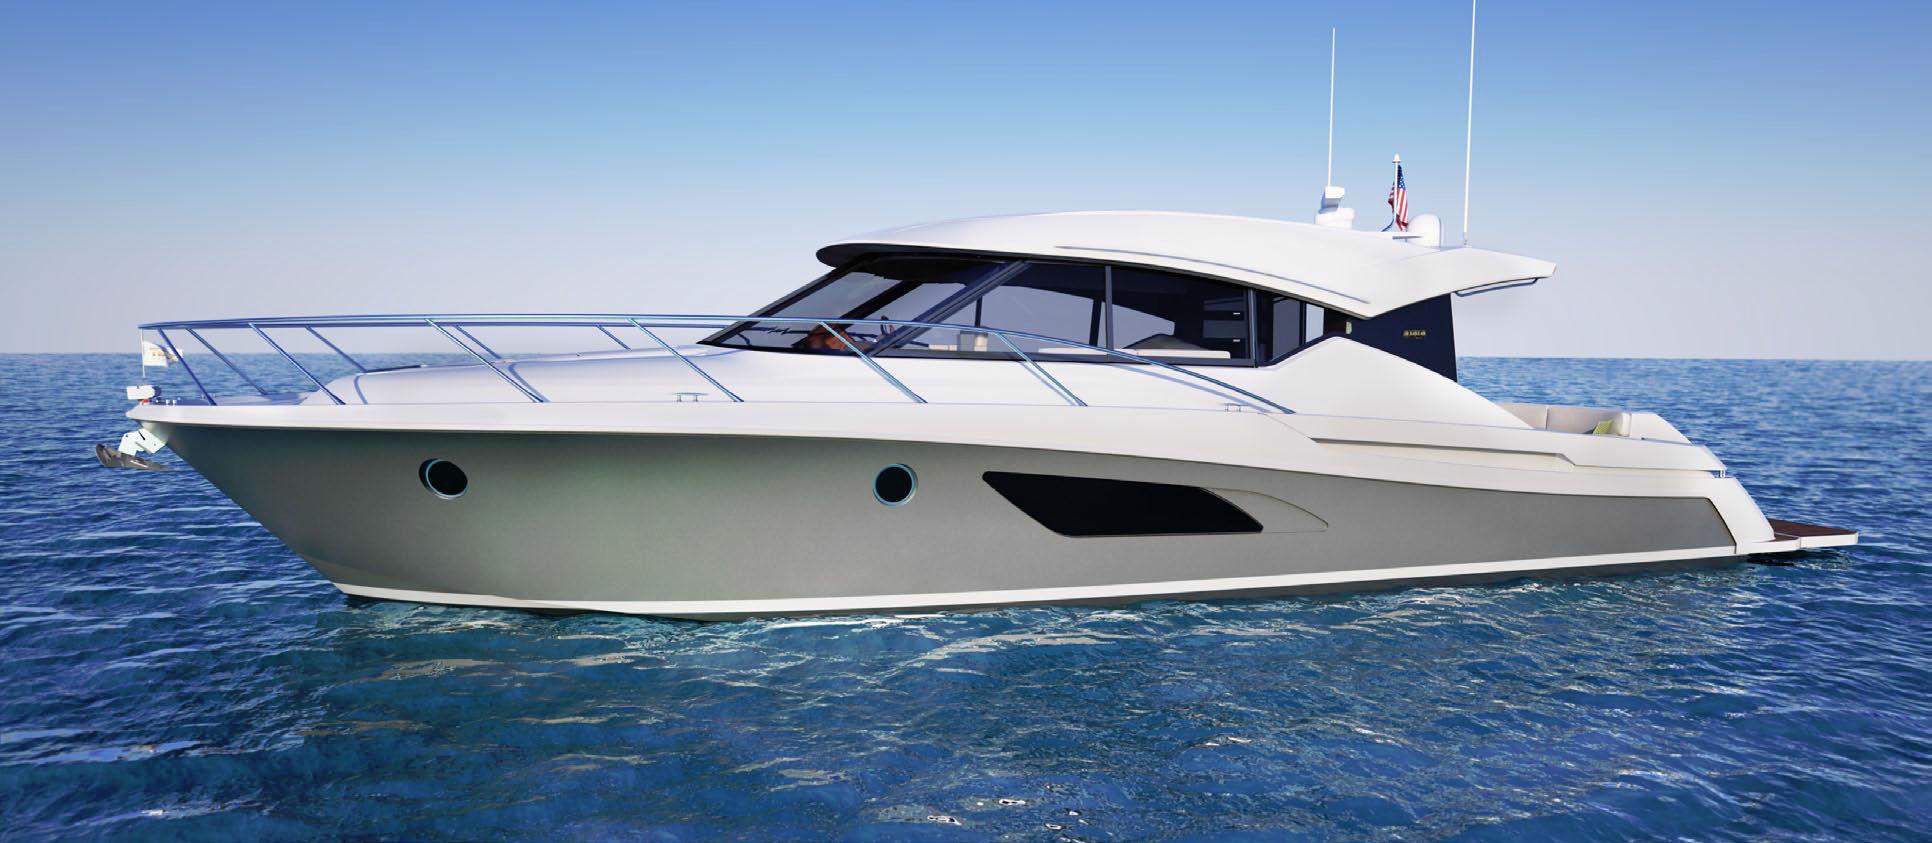 Assurance-yacht-Tiara